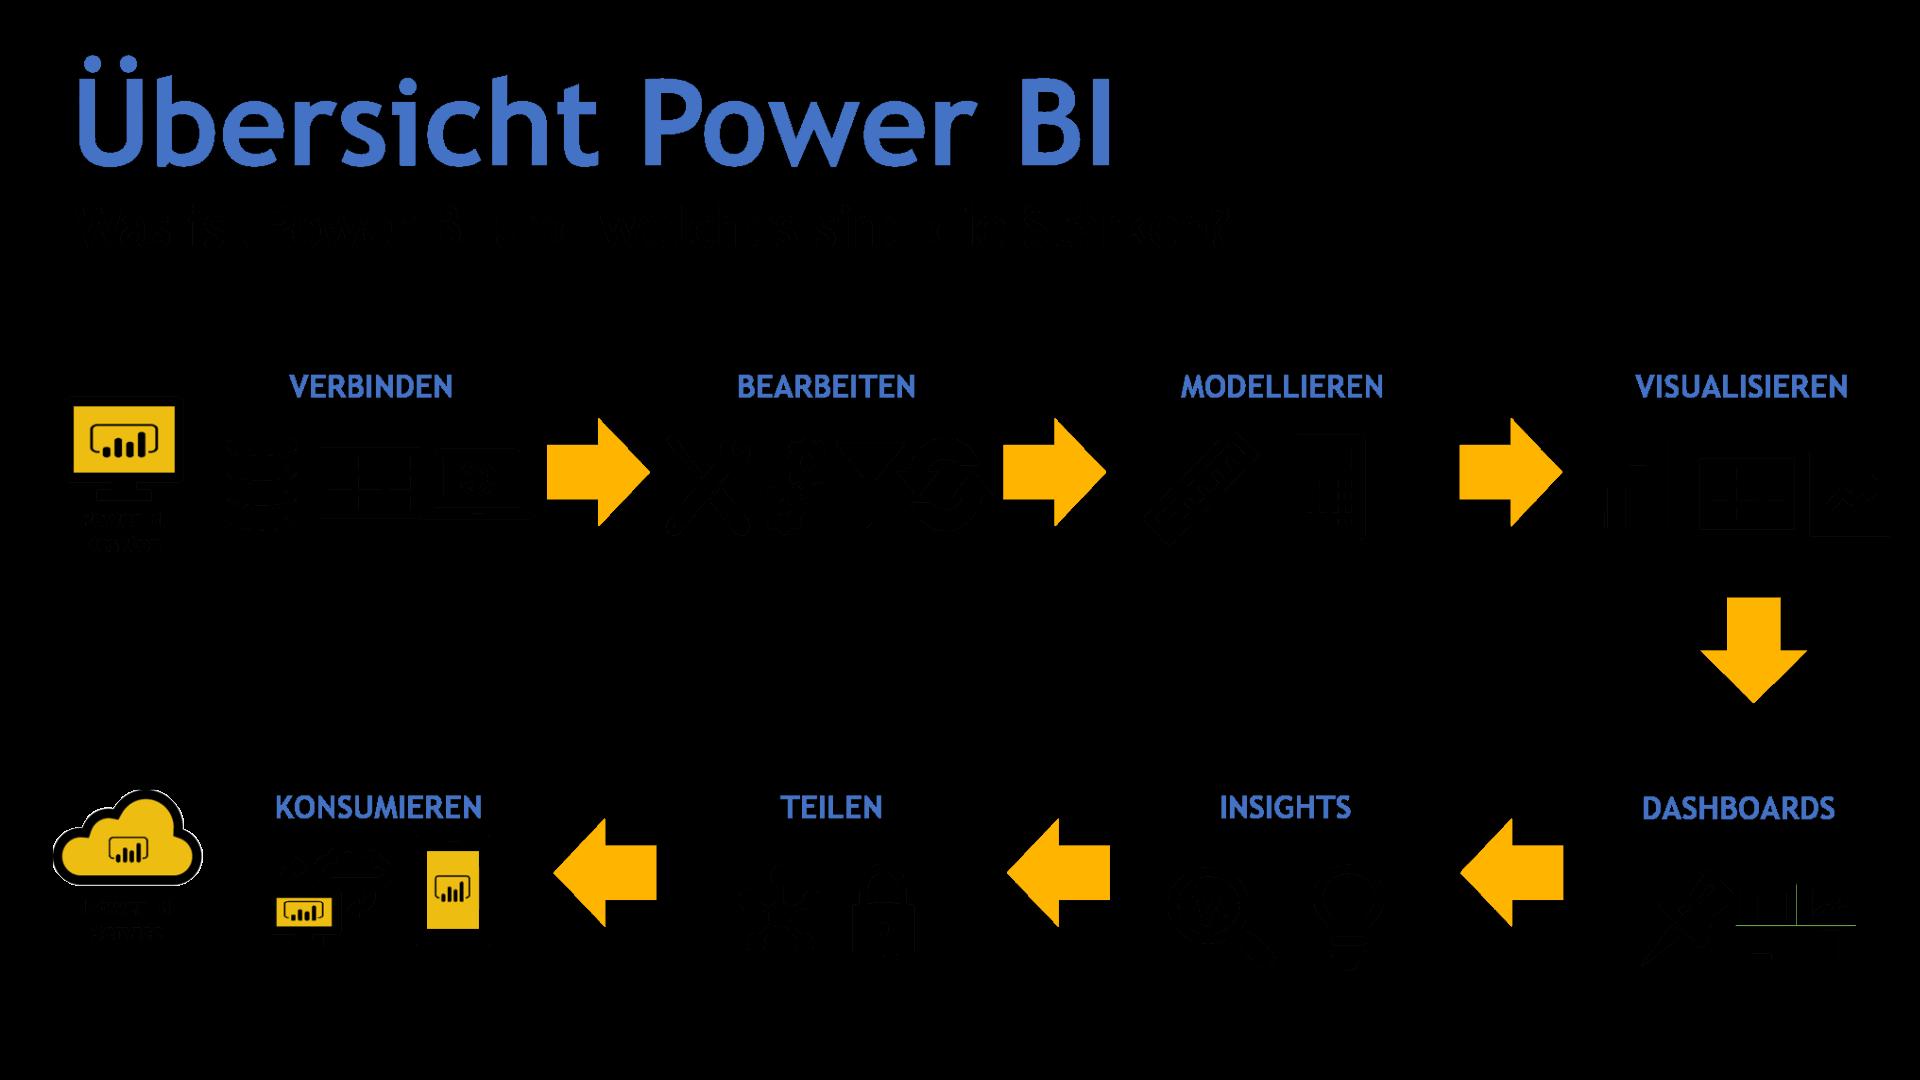 Power BI Uebersicht